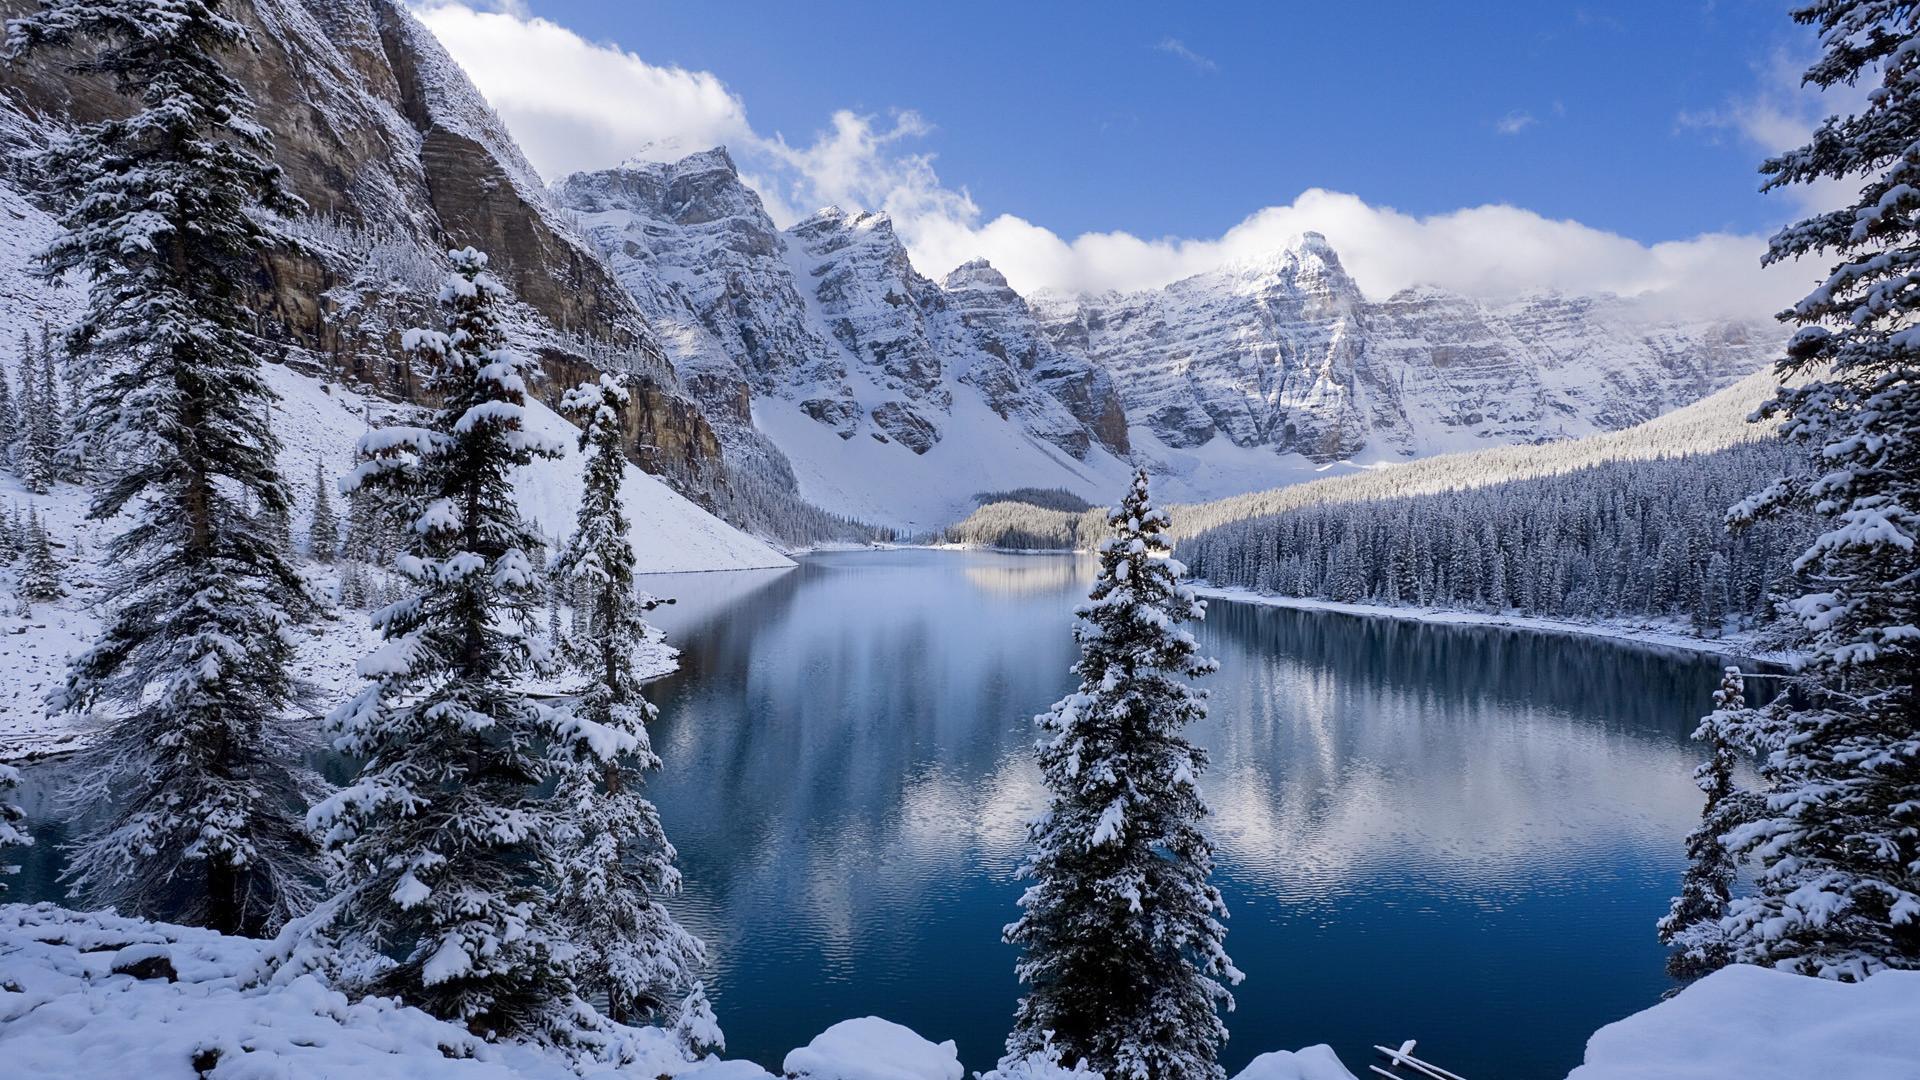 67 Nature Desktop Wallpaper Winter On Wallpapersafari